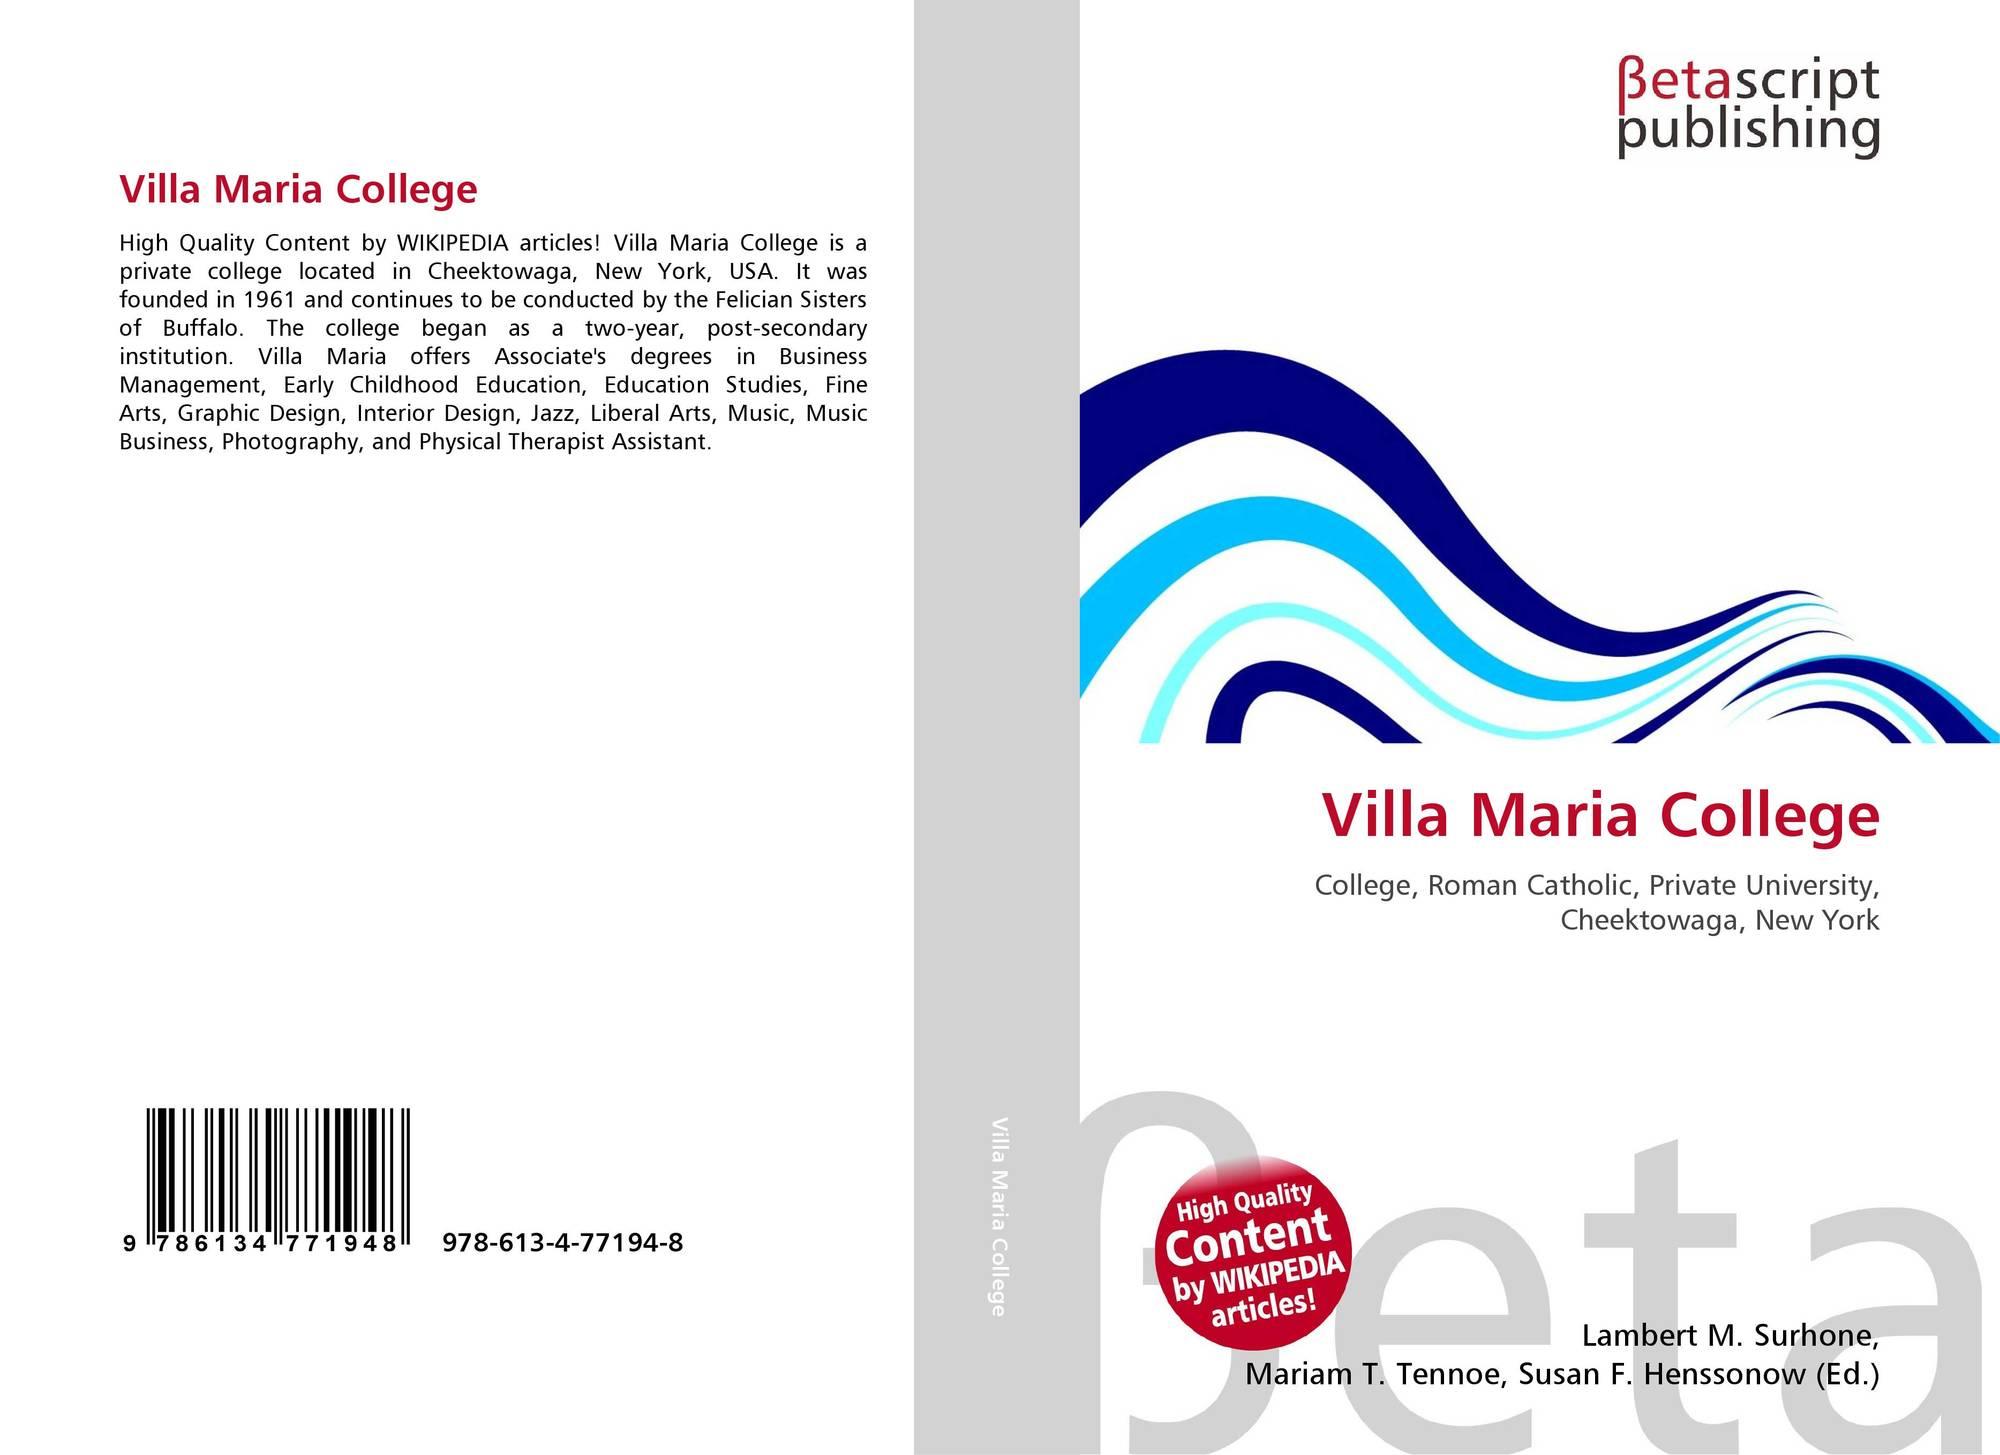 Villa Maria College, 978-613-4-77194-8, 6134771945 ,9786134771948